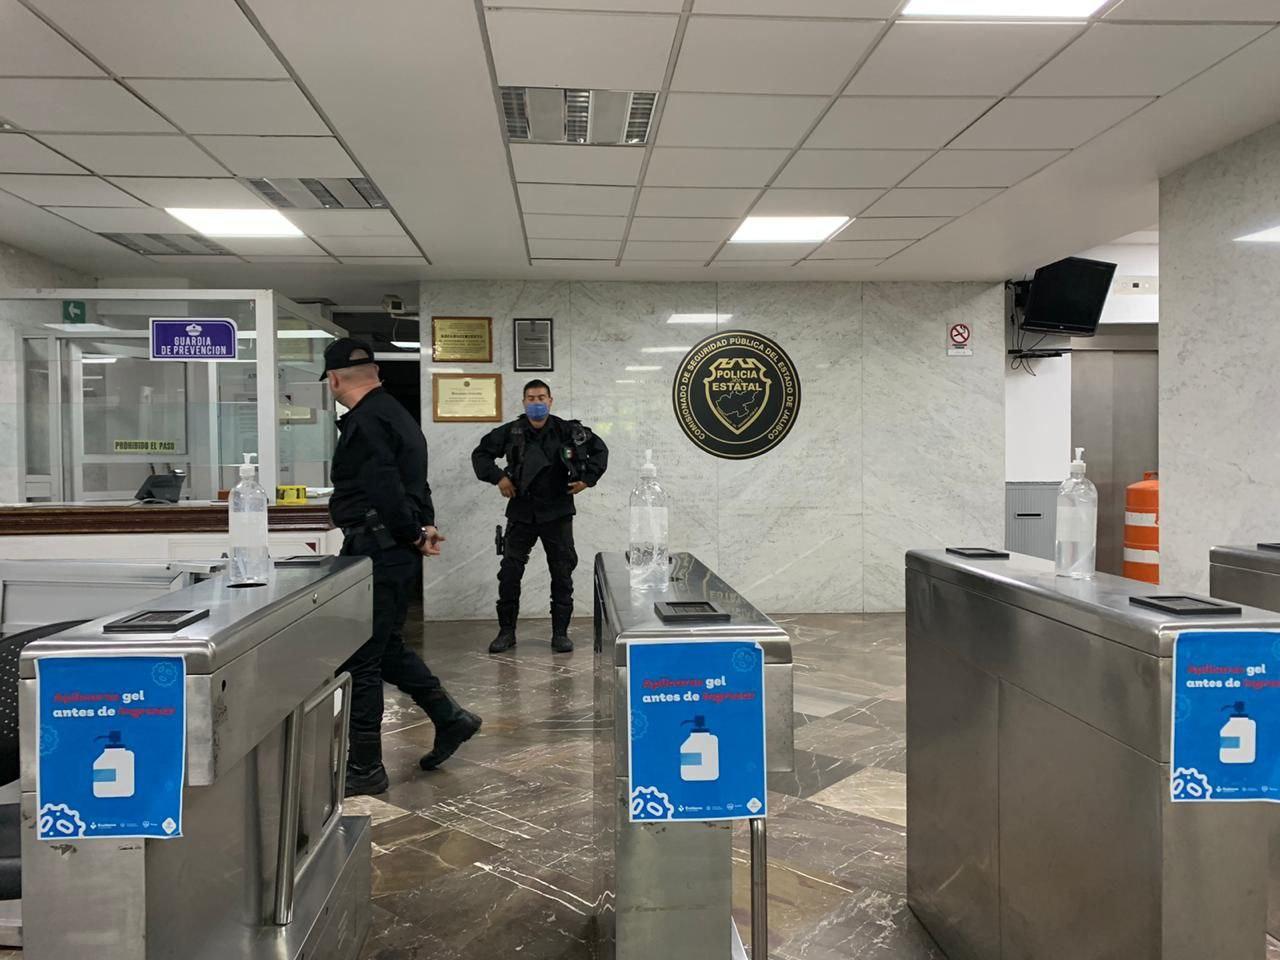 Implementa Secretaría de Seguridad revisión preventiva en sus oficinas centrales ante COVID-19